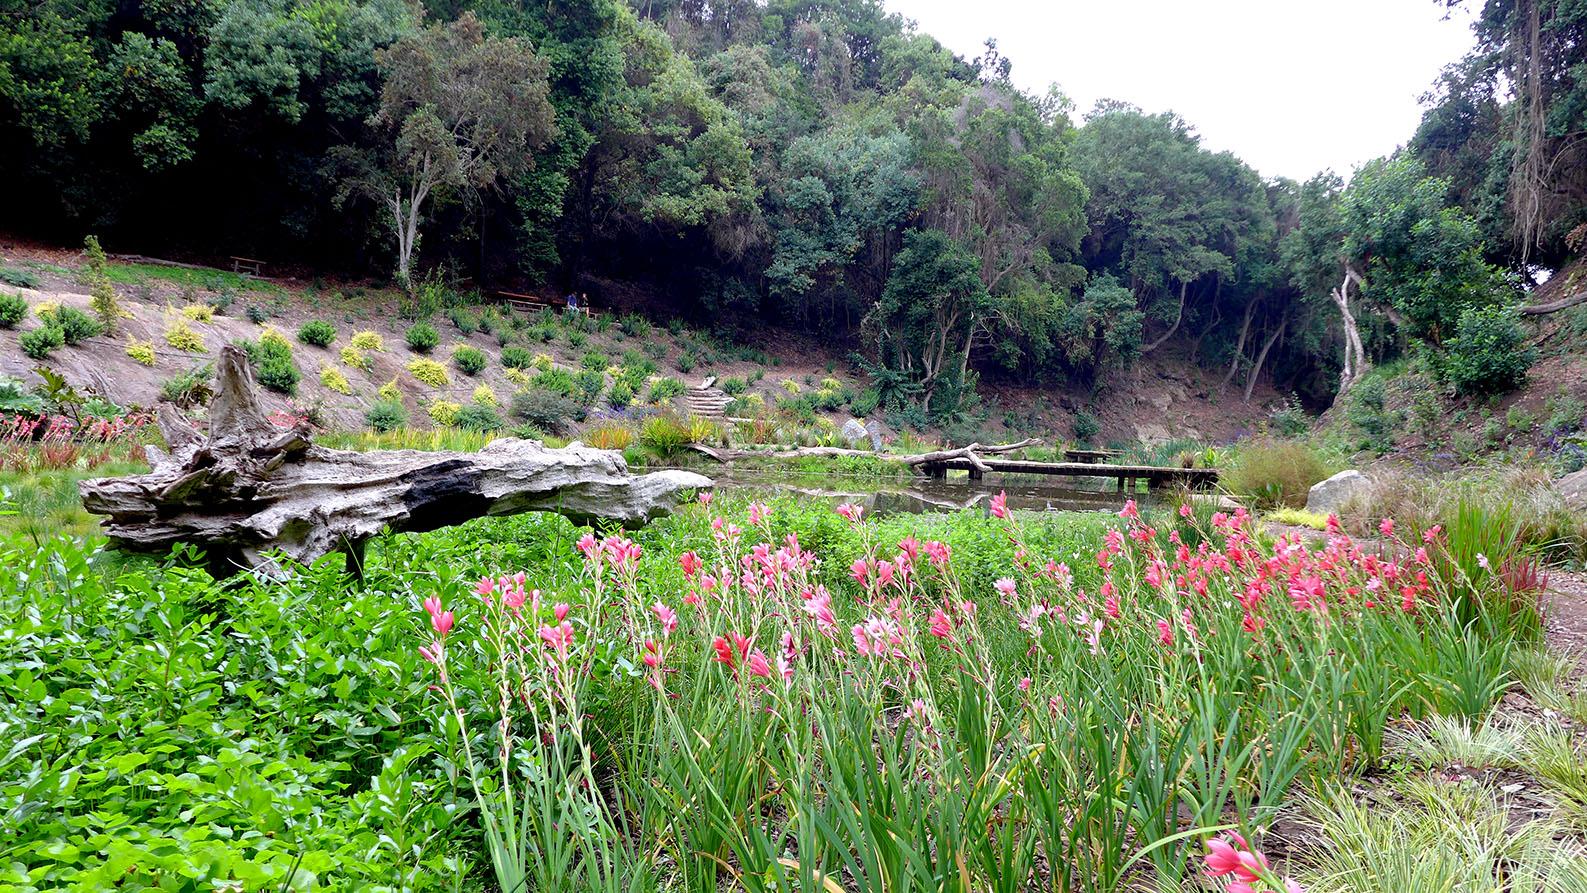 El mágico Jardín Giverny de Monet realizado en Chile dentro del Parque Tricao